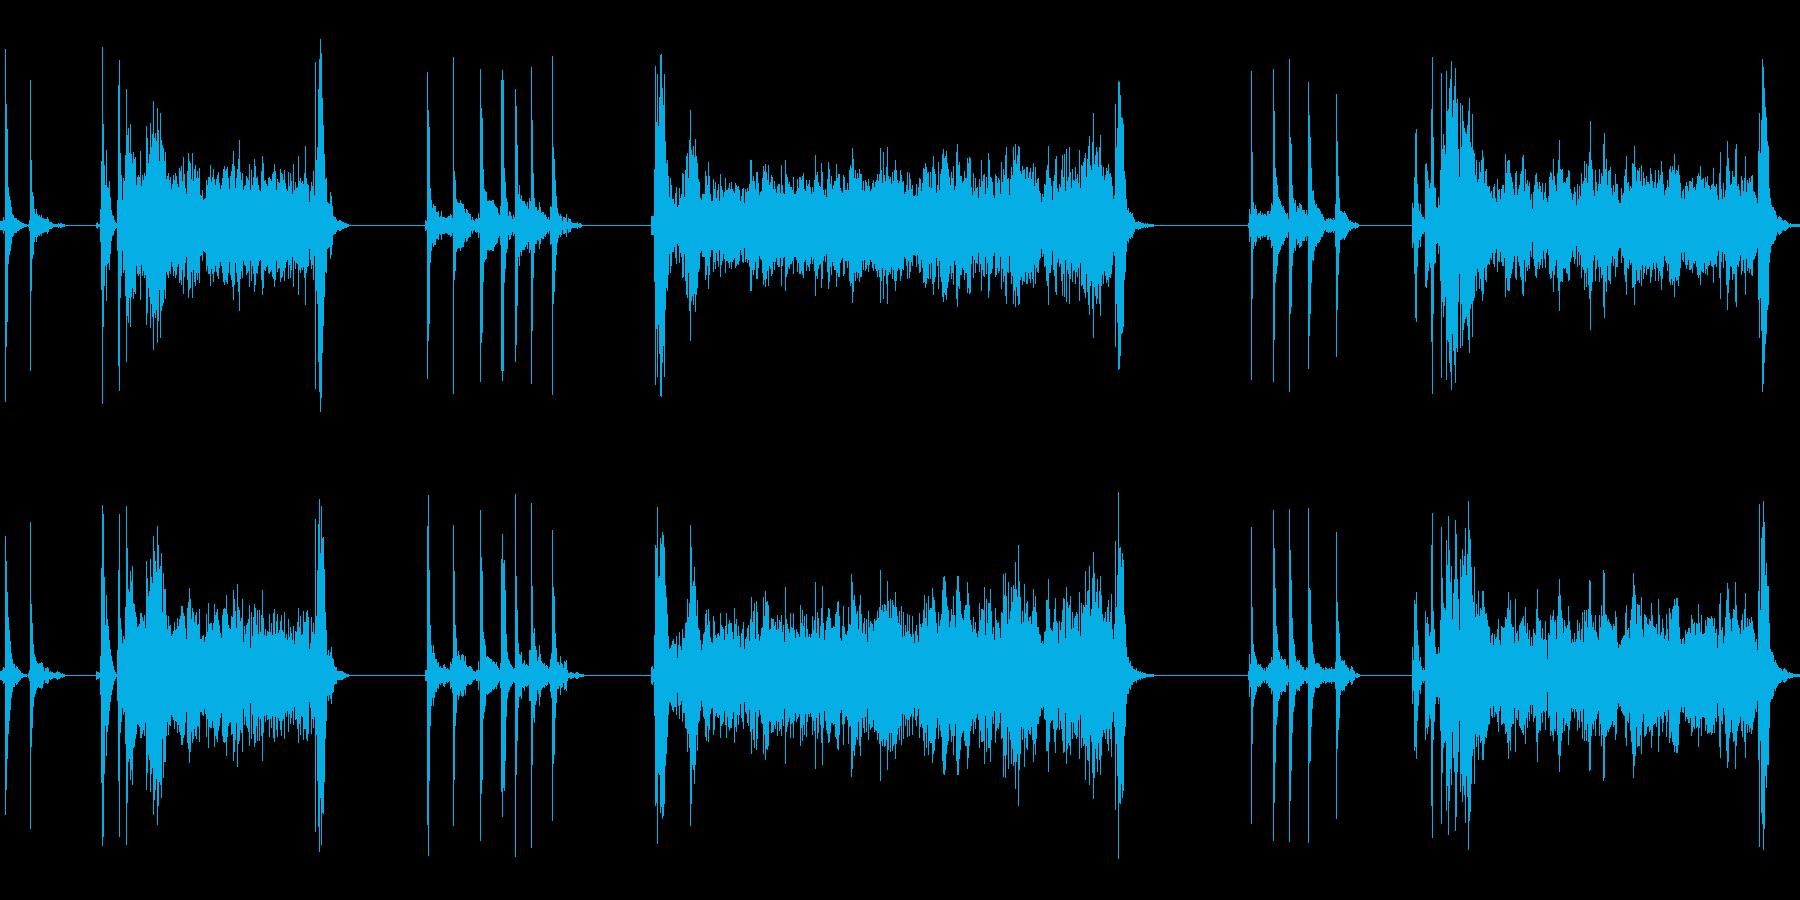 黒電話のダイヤルを回す(3度回す)の再生済みの波形